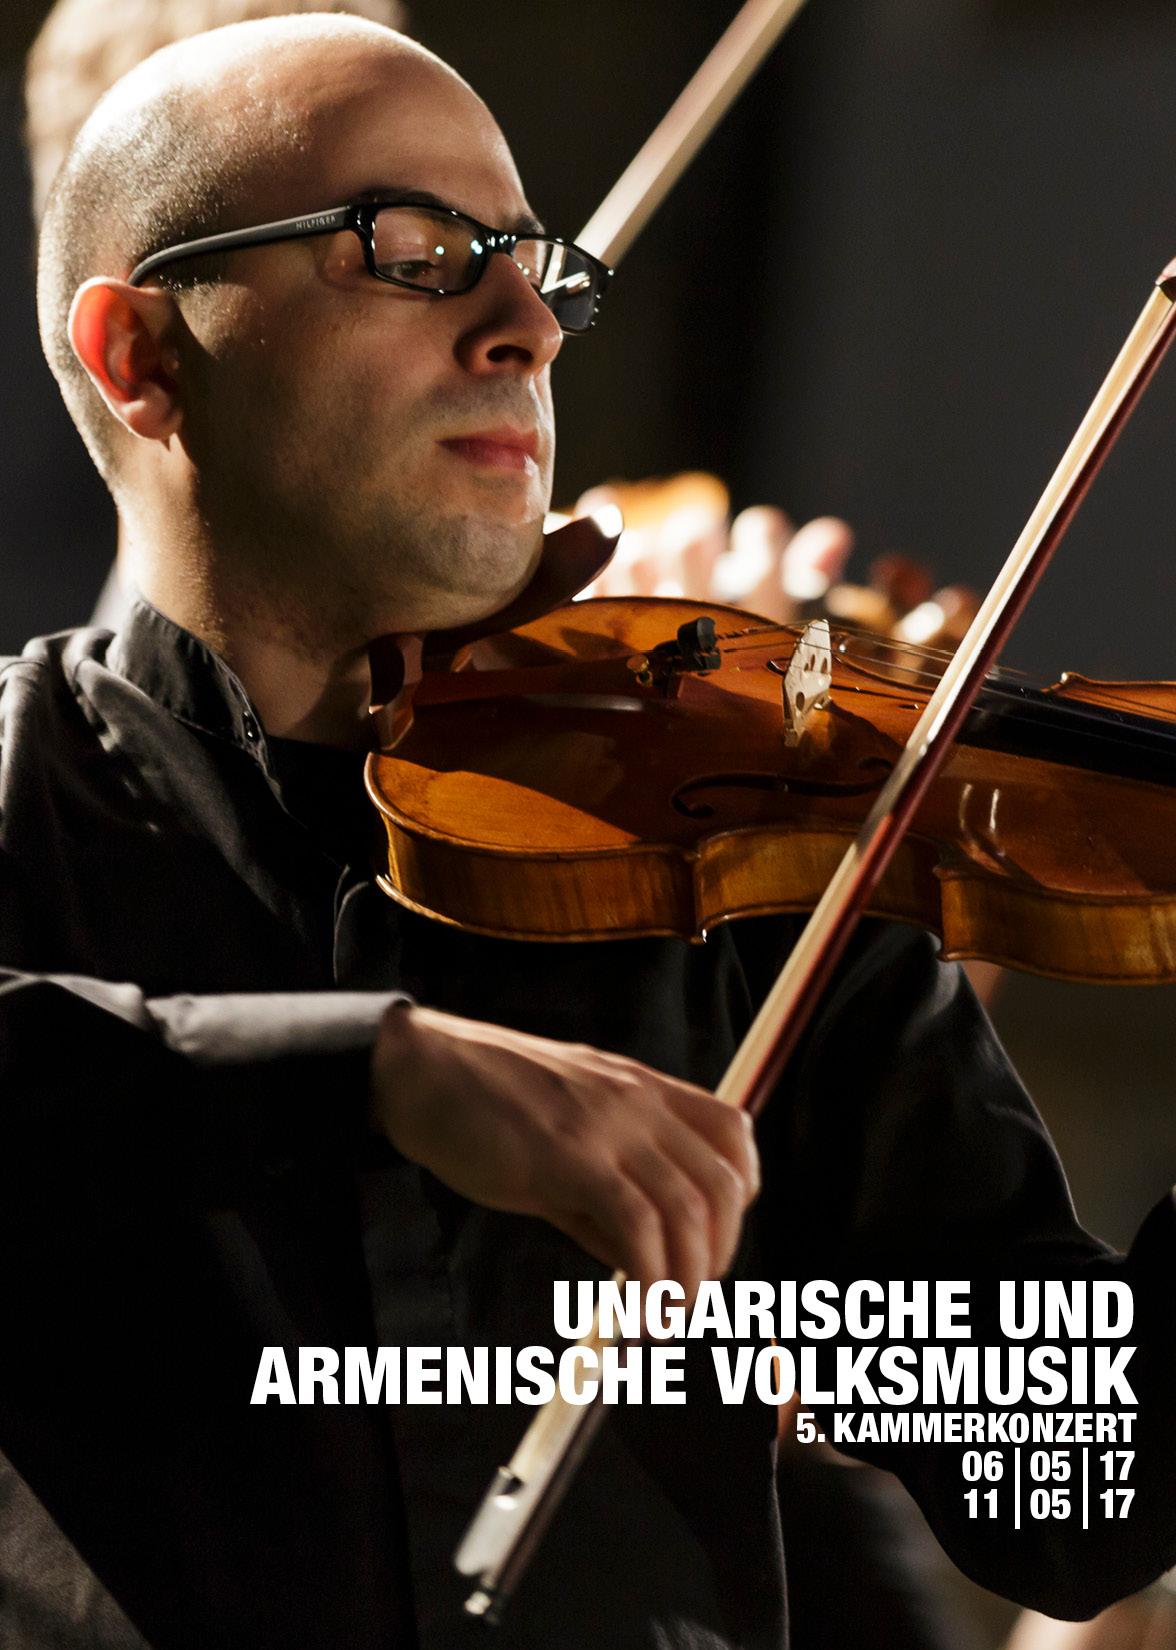 Ungarische und armenische Volksmusik